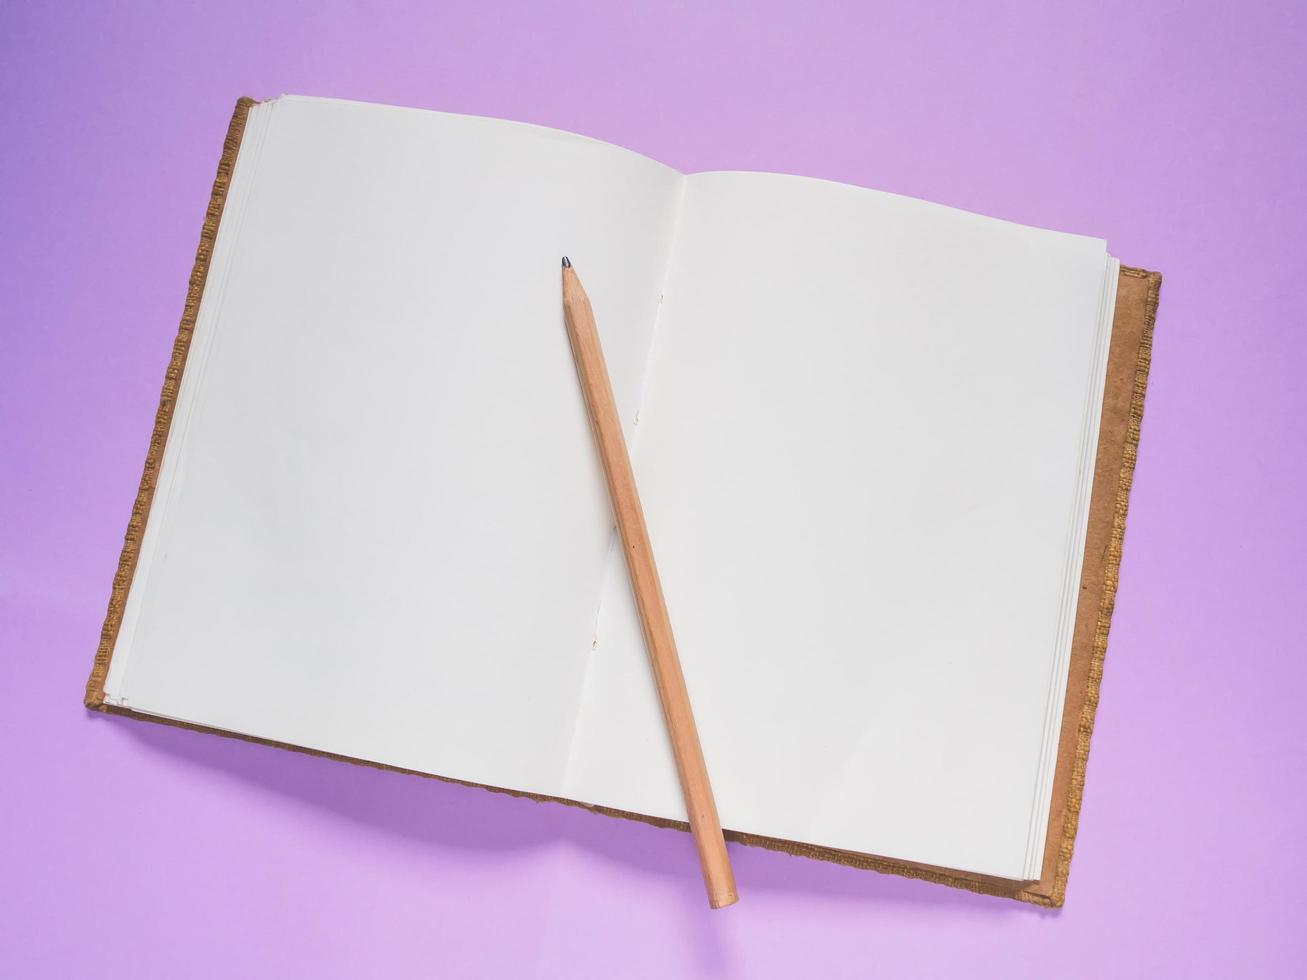 cahier d'école sur fond violet photo